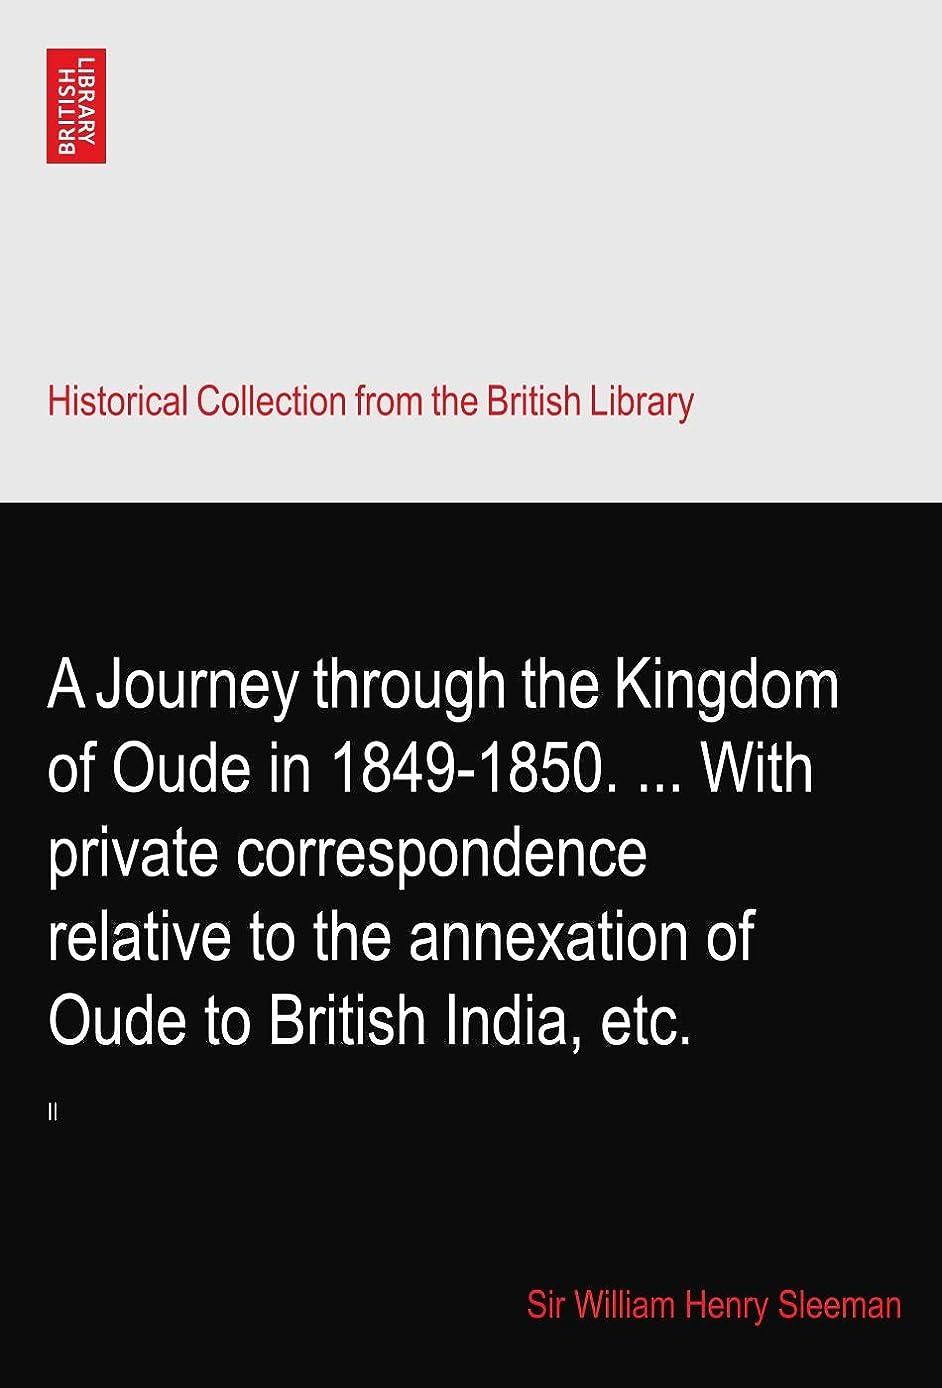 のぞき穴聖歌ミントA Journey through the Kingdom of Oude in 1849-1850. ... With private correspondence relative to the annexation of Oude to British India, etc.: II